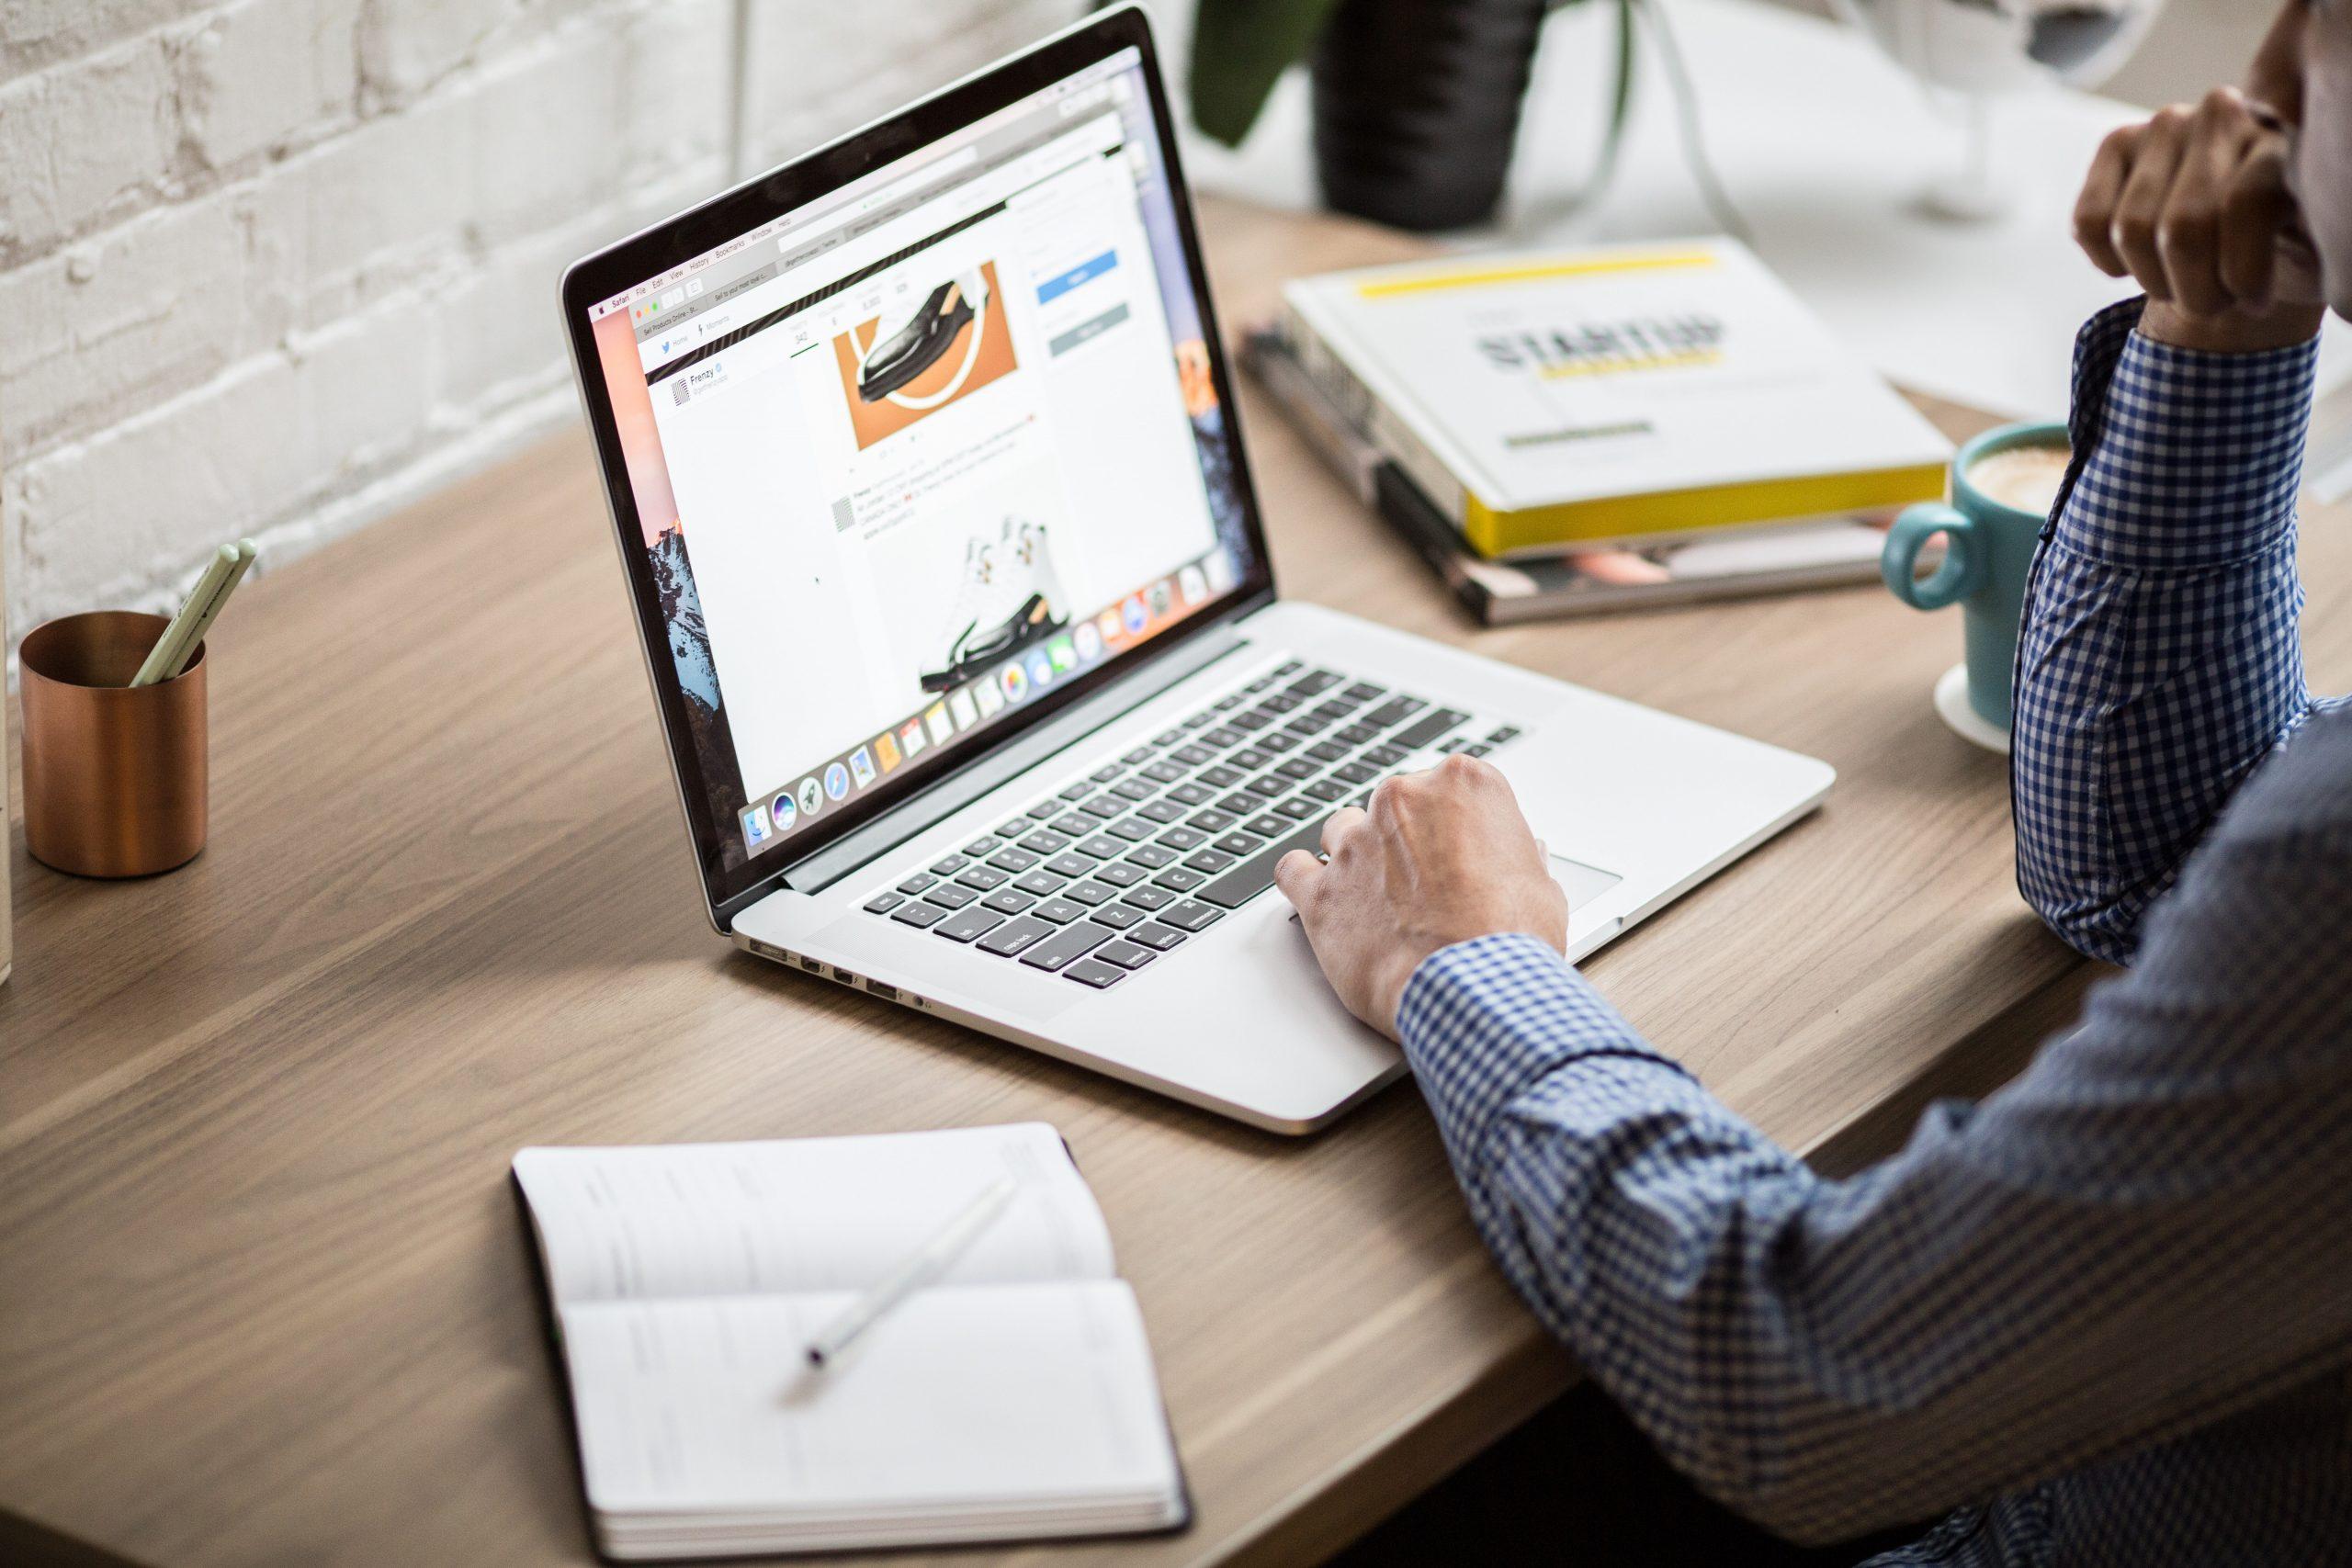 Mengatasi kinerja laptop yang lemod